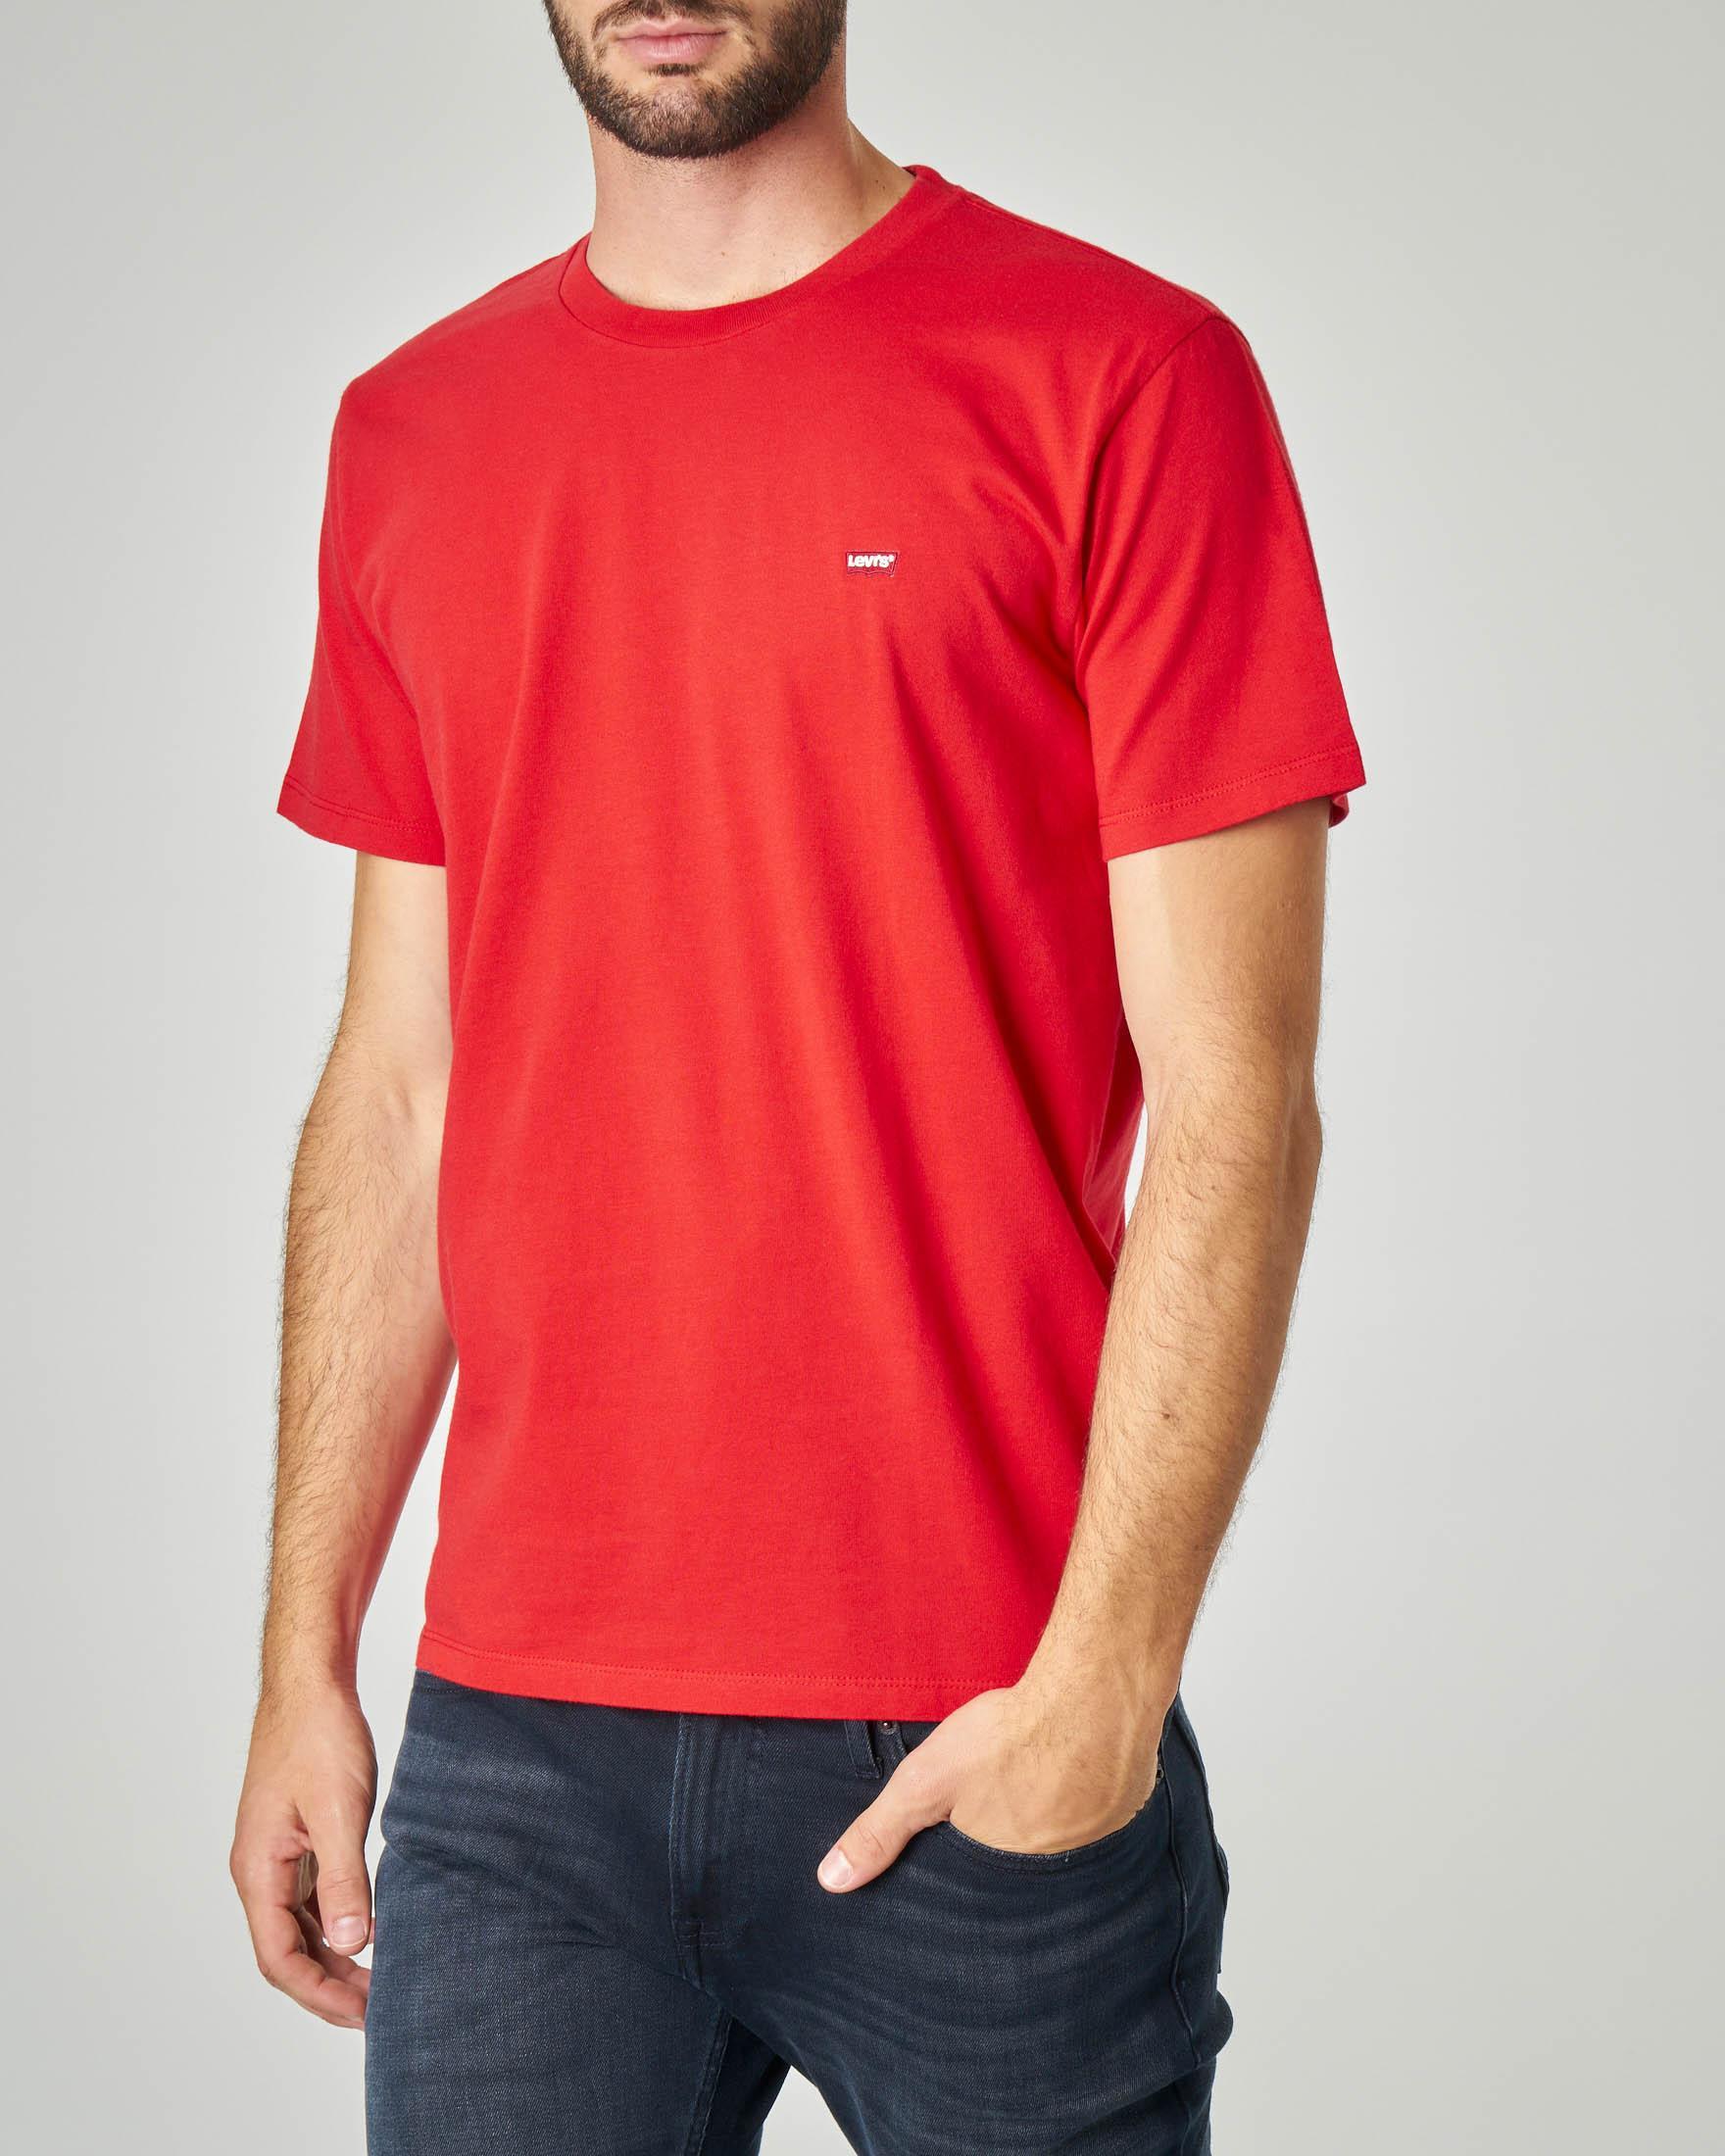 T-shirt rossa con logo batwing piccolo